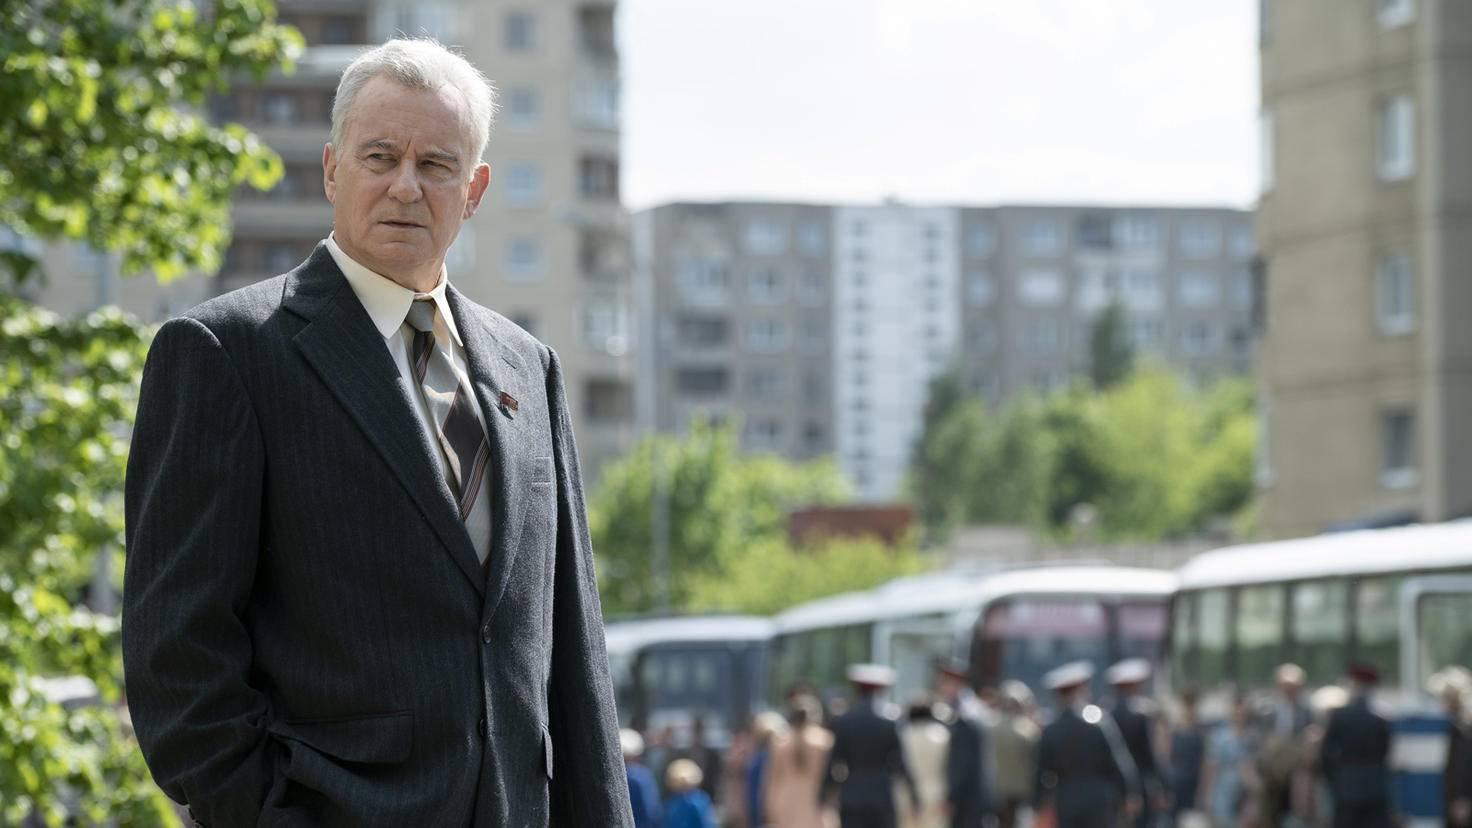 Stellan Skarsgård spielt den stellvertretenden sowjetischen Premierminister Boris Shcherbina.